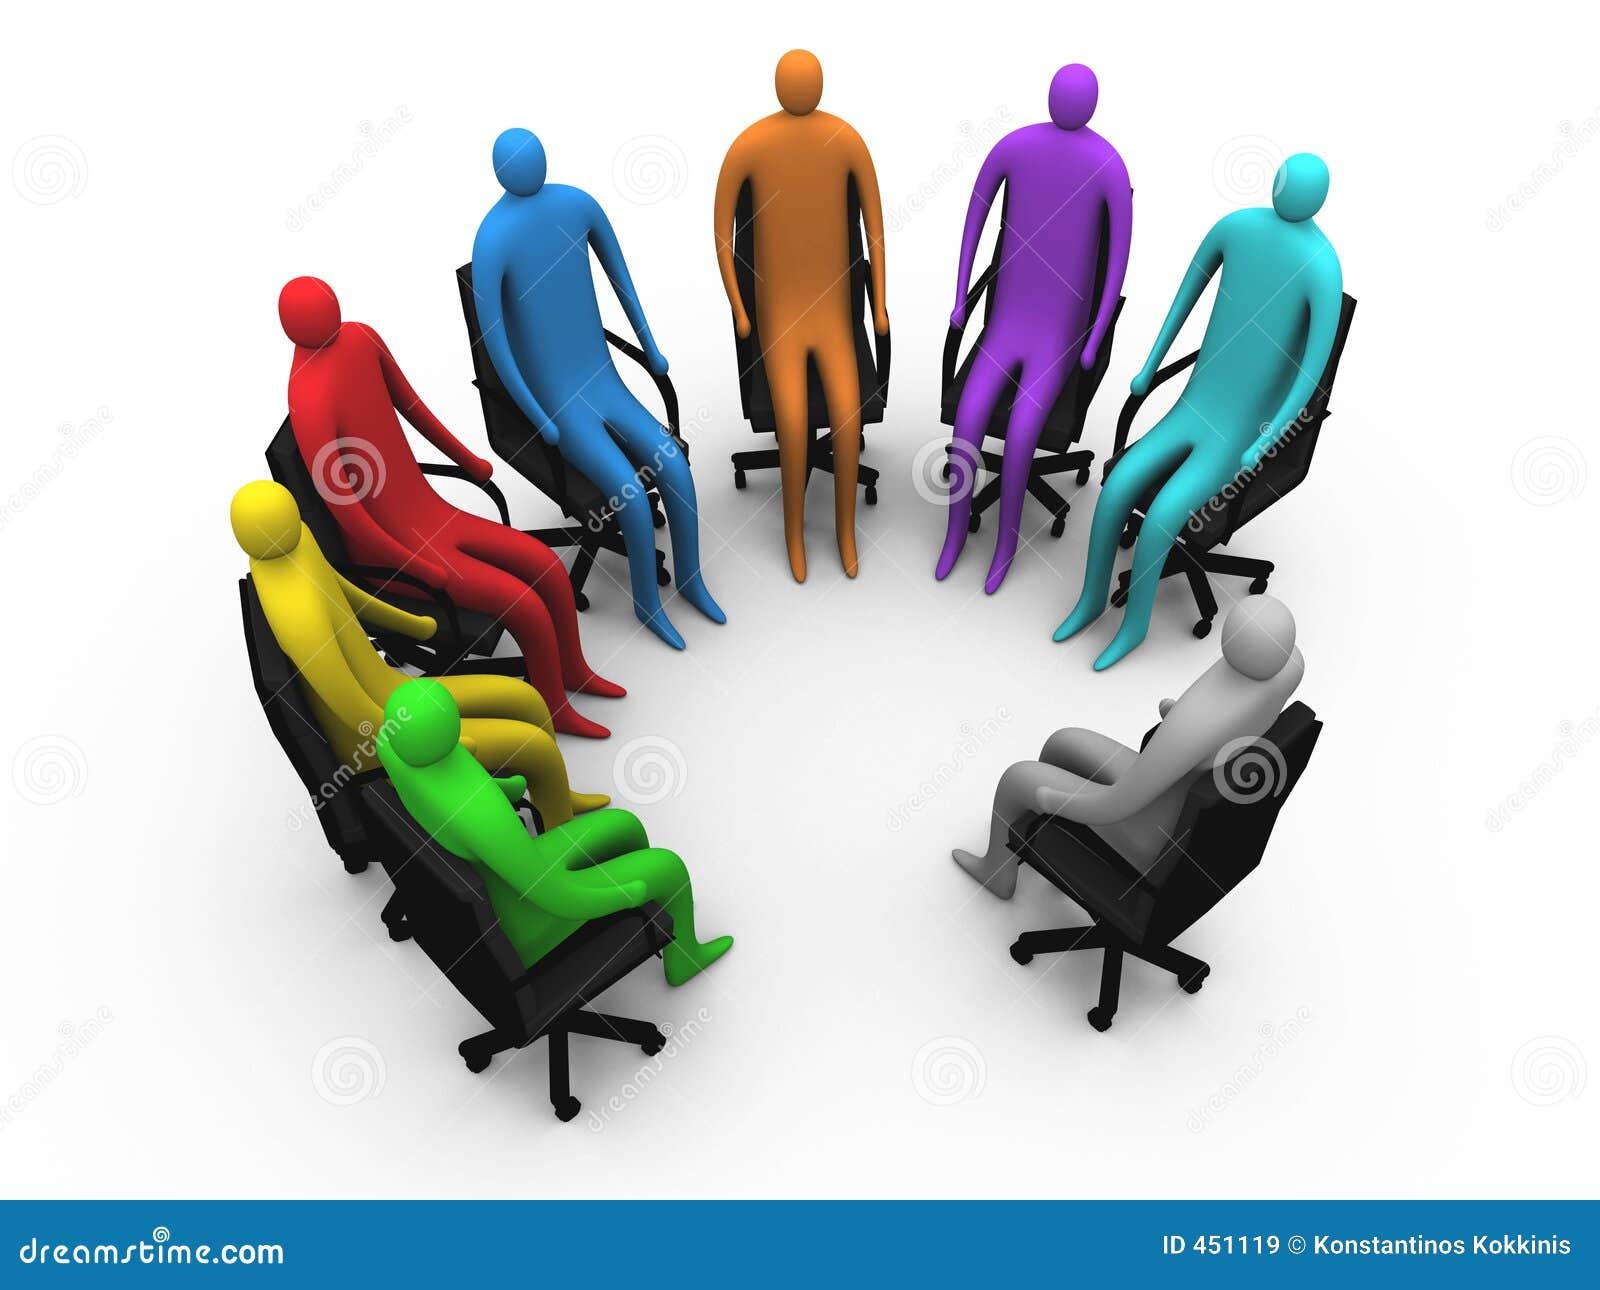 Sitzung #5